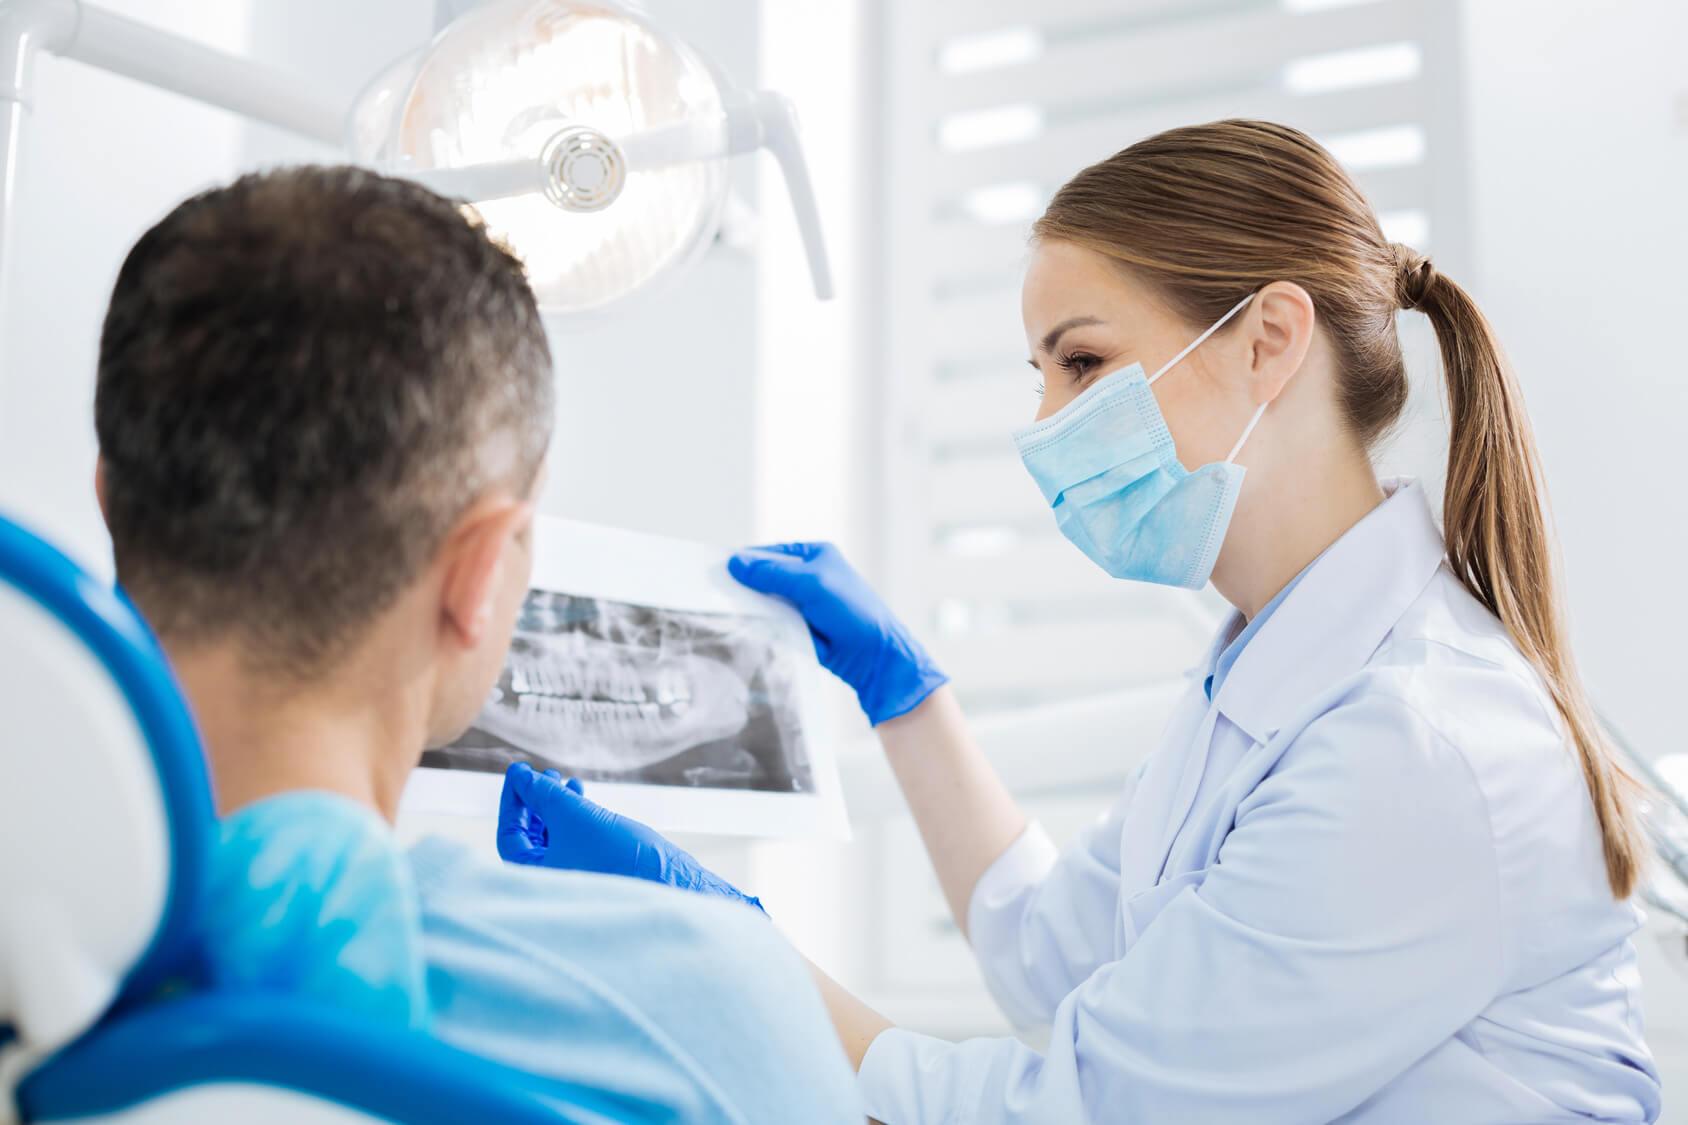 Zahnärztin mit Mundschutz zeigt dem Patienten auf Zahnarztstuhl sein Röntgenbild und erklärt die Innovationen der Zahnmedizin